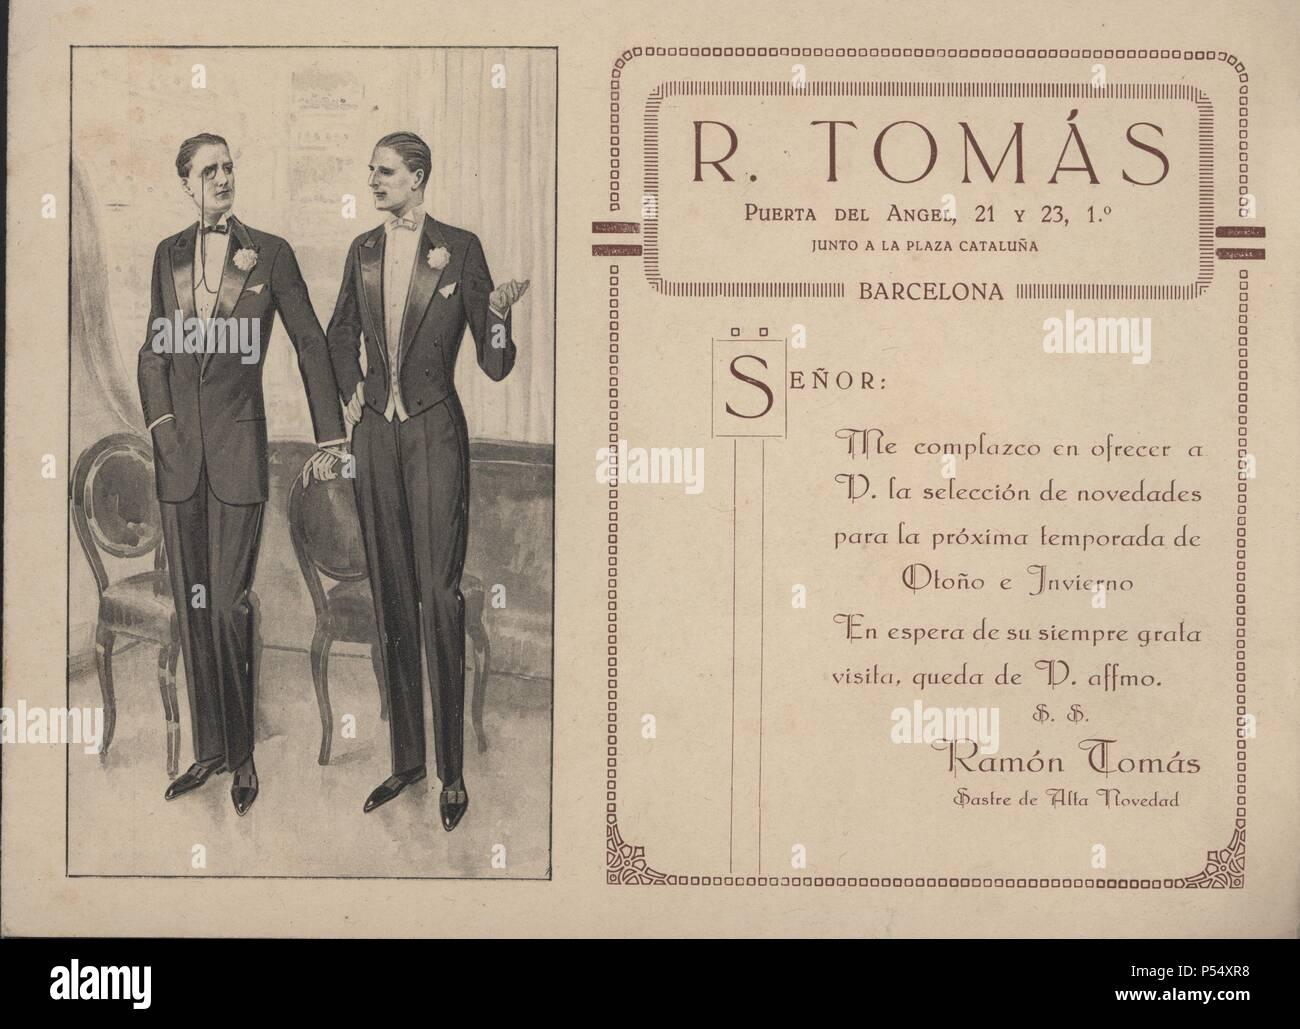 Publicidad. Sastrería Tomás. Barcelona, años 1920. - Stock Image